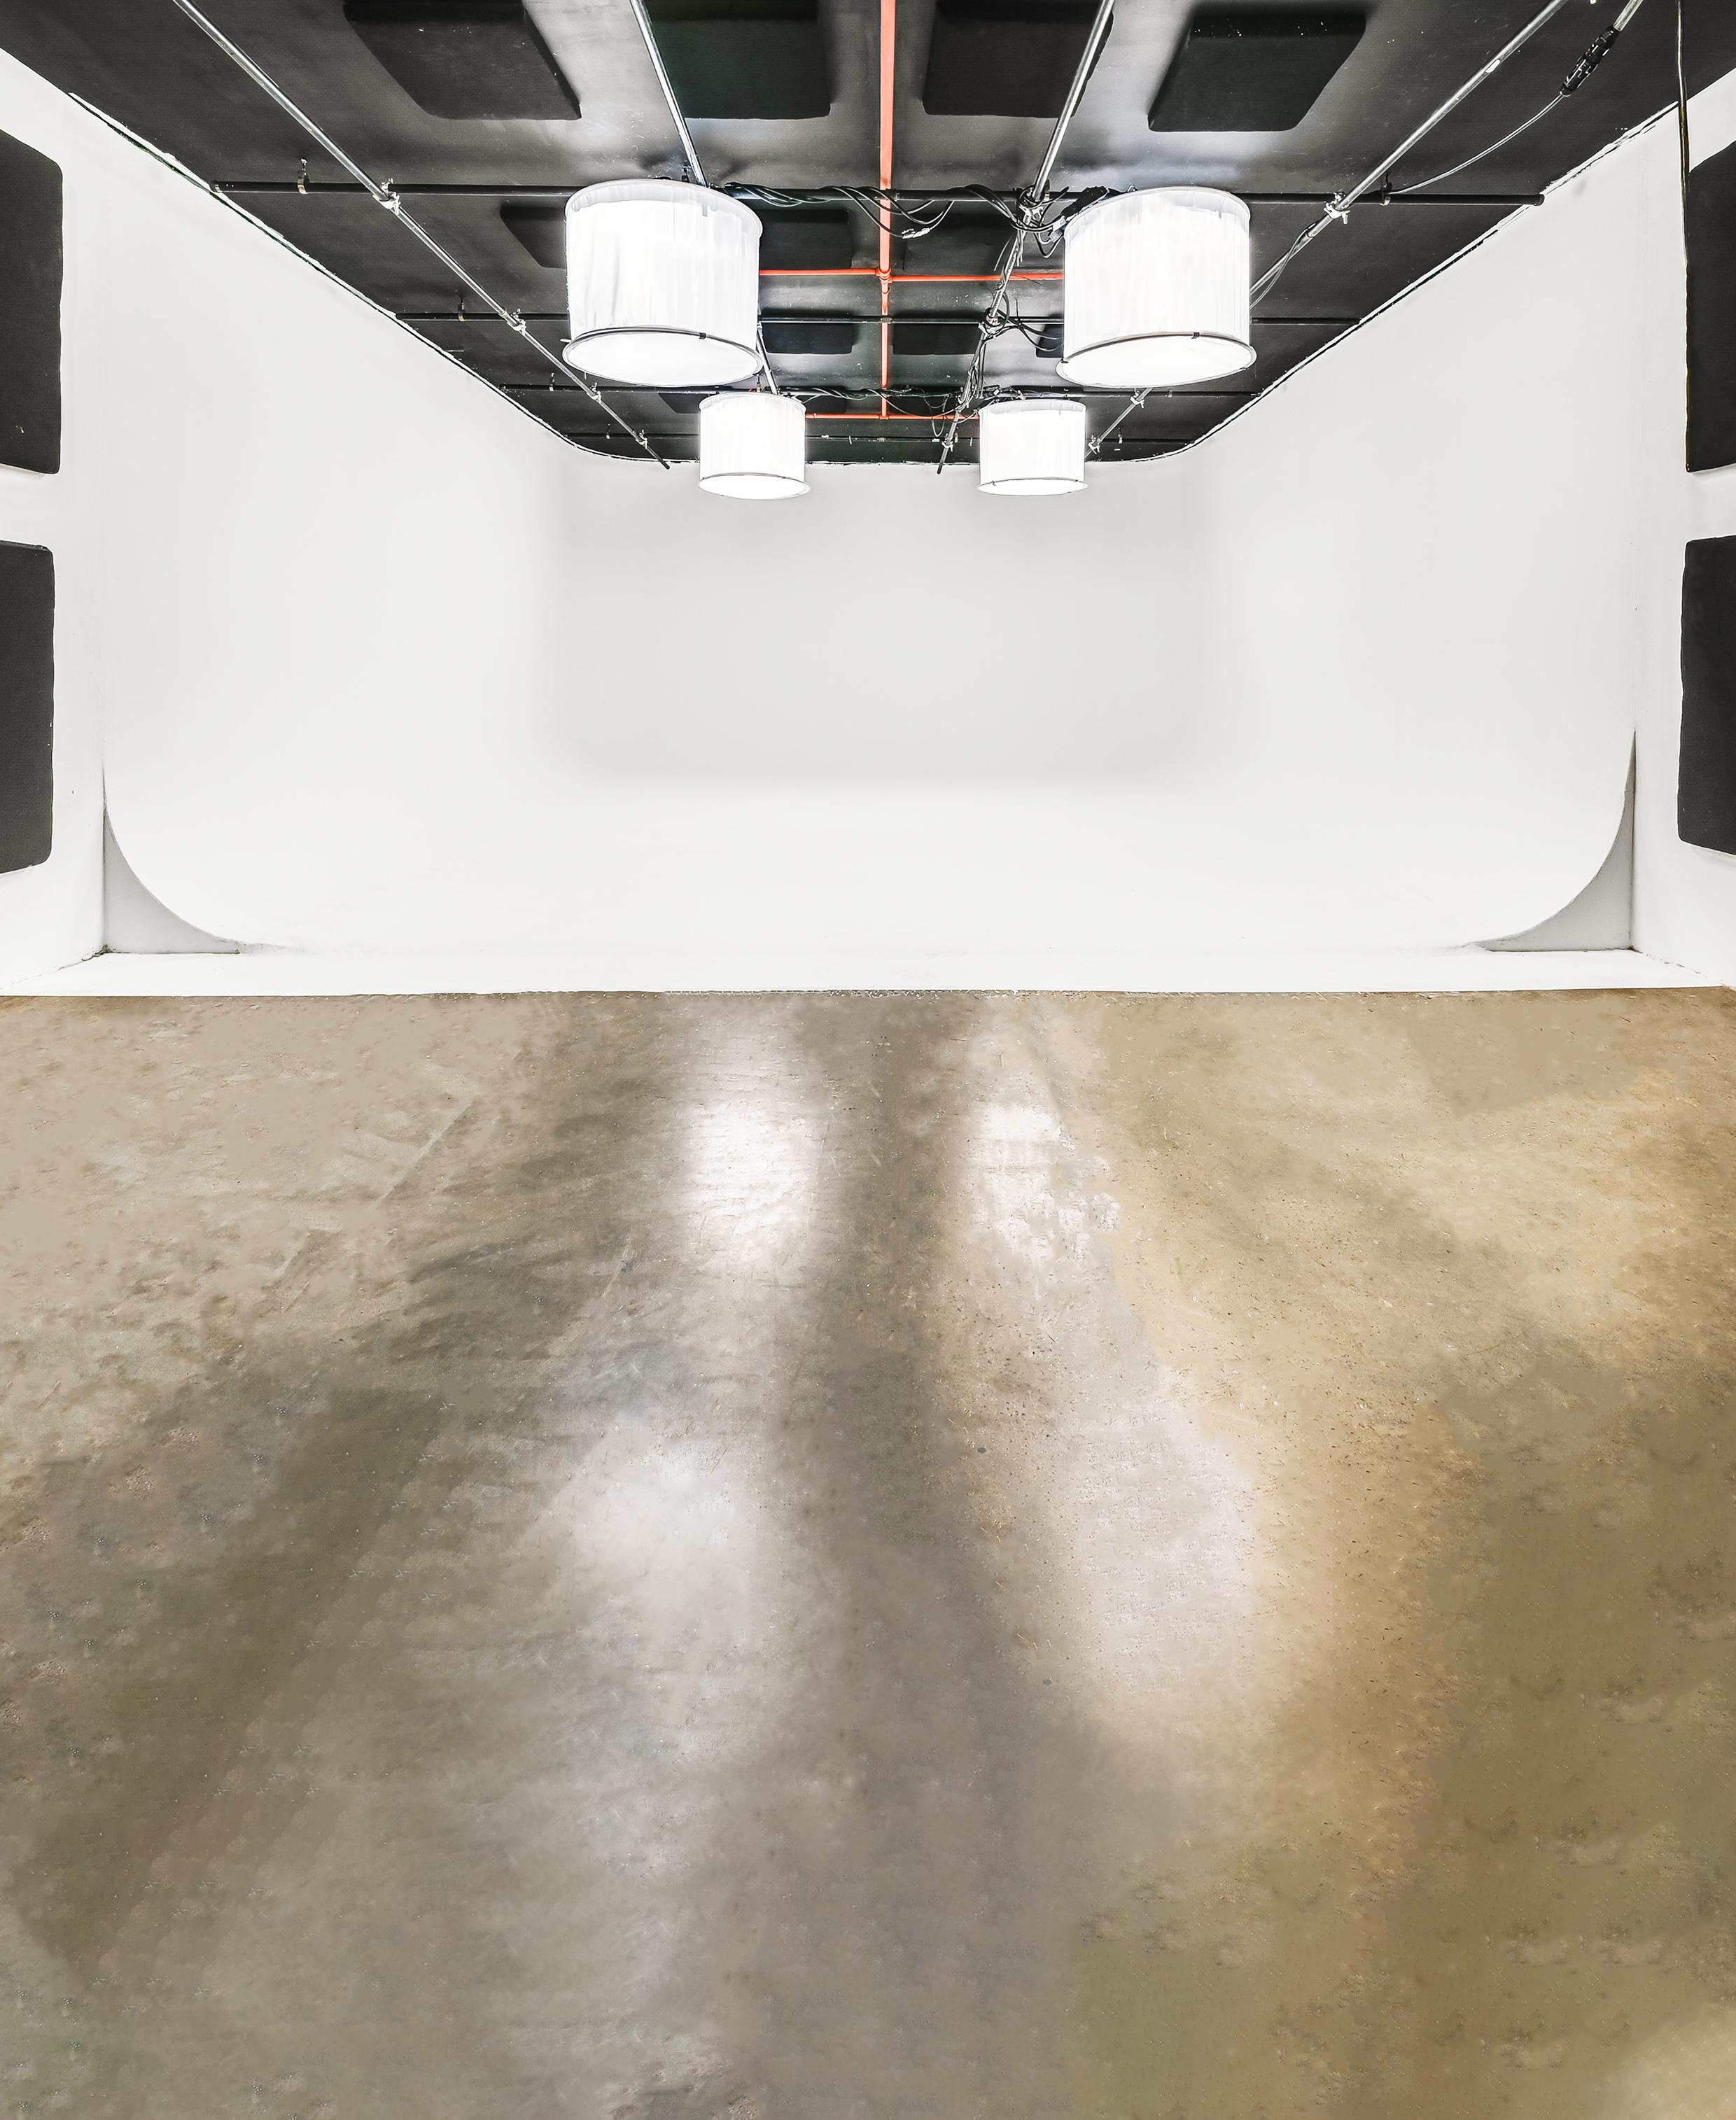 演播室3设施:4500平方英尺演播室:1420平方英尺